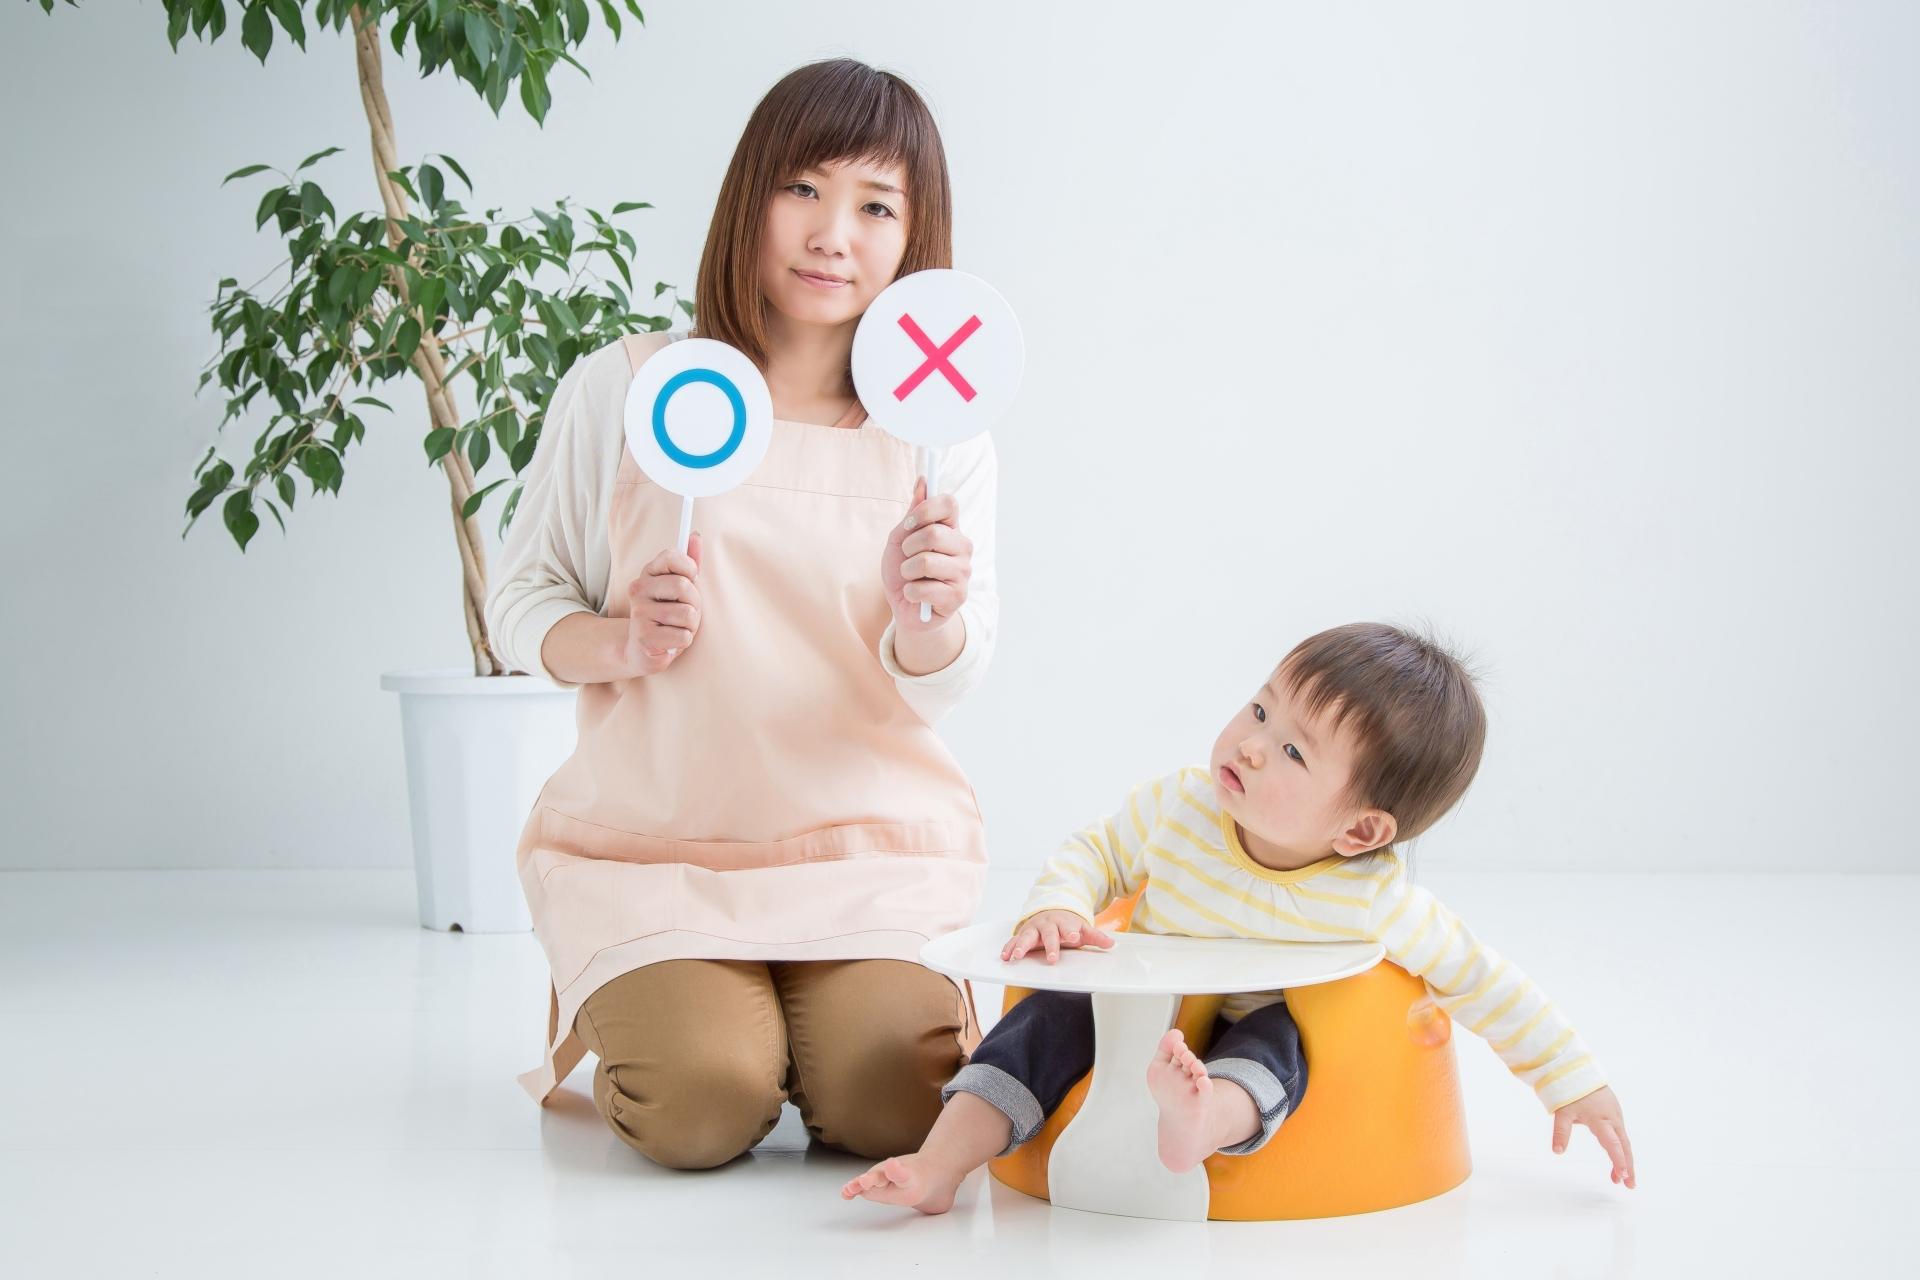 【混合育児】産後母乳が出ないときにするべき対策と母乳ケアまとめ【実録